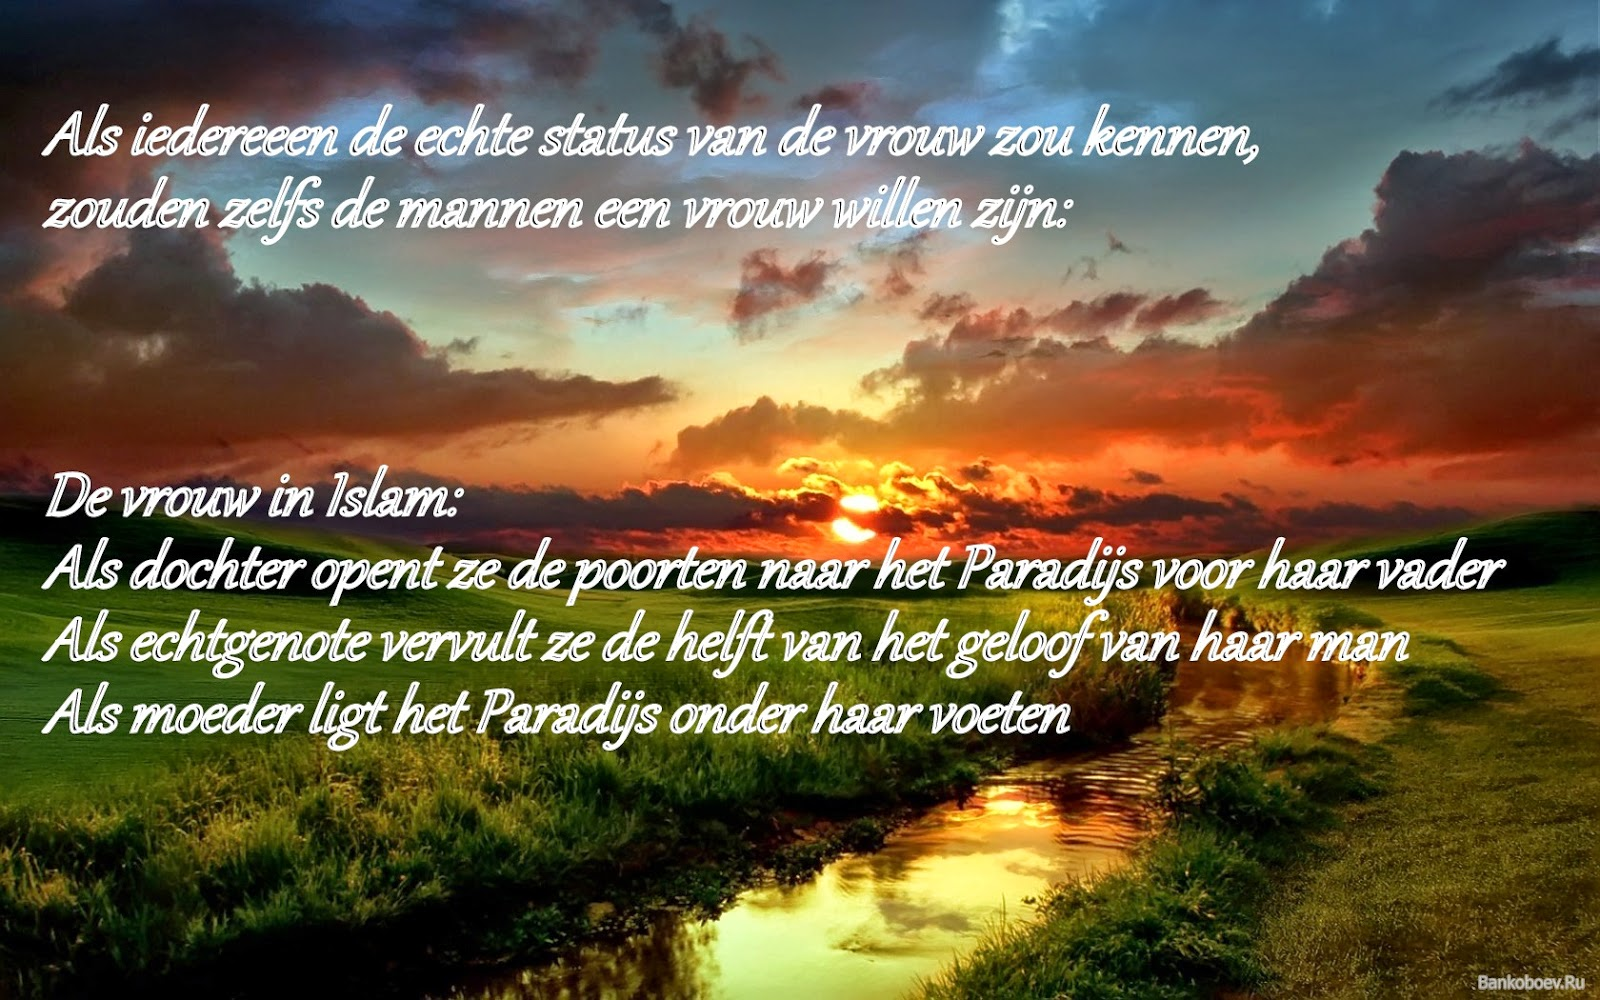 Citaten Uit De Zorg : Citaten en wijze woorden uit de islam ware status van